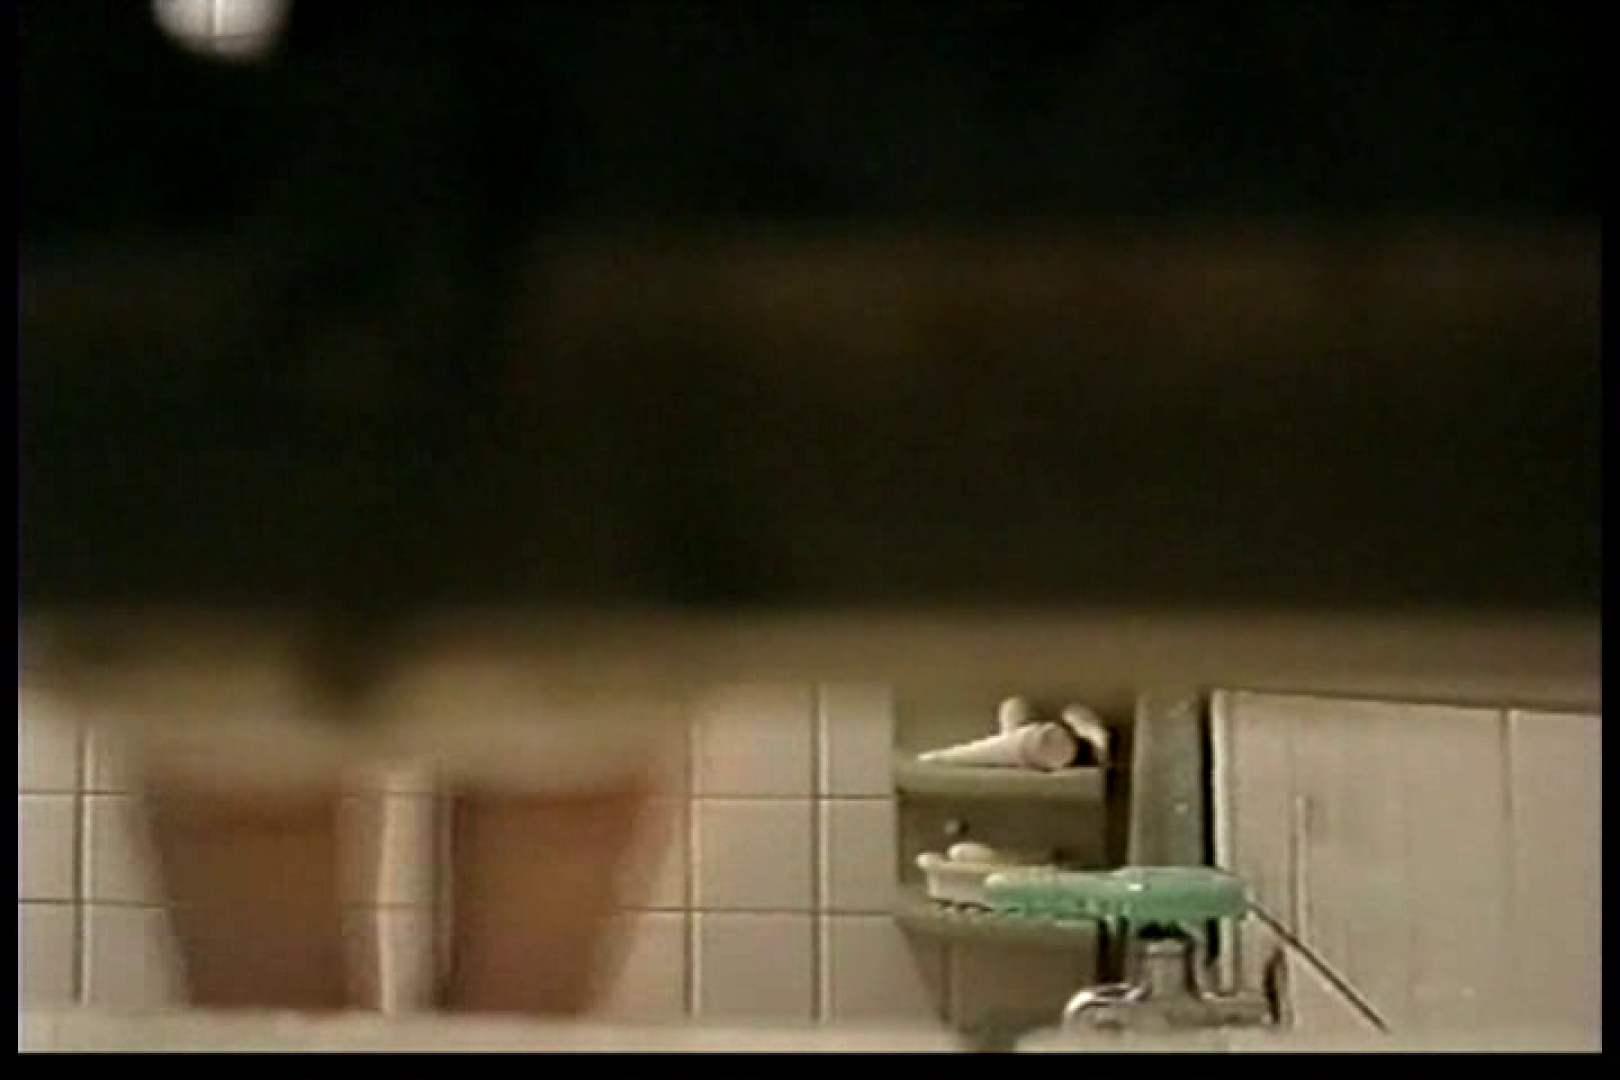 バレまくり!! 絶叫民家女風呂盗撮Vol.2 民家 おまんこ無修正動画無料 82連発 23